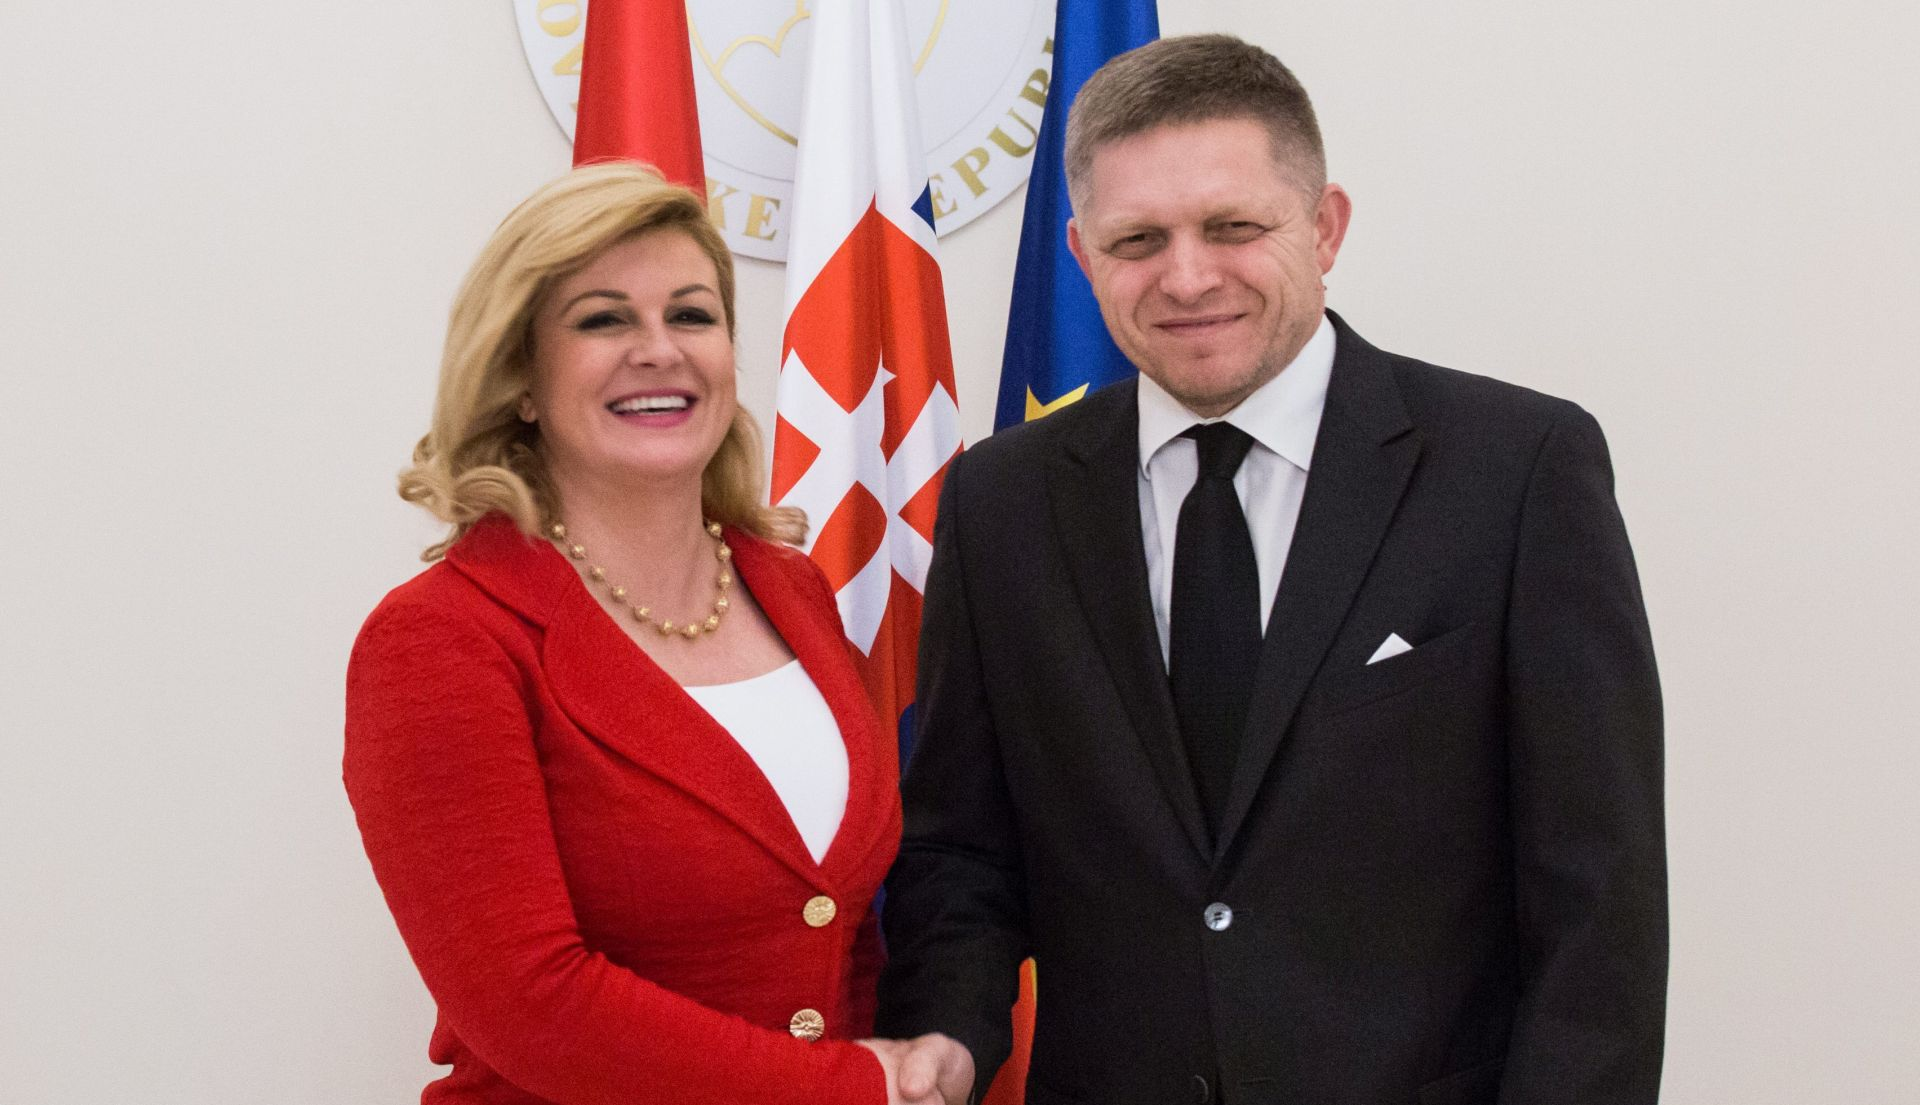 NAPADI NA ŽENE: Slovački premijer traži izvanredni summit EU